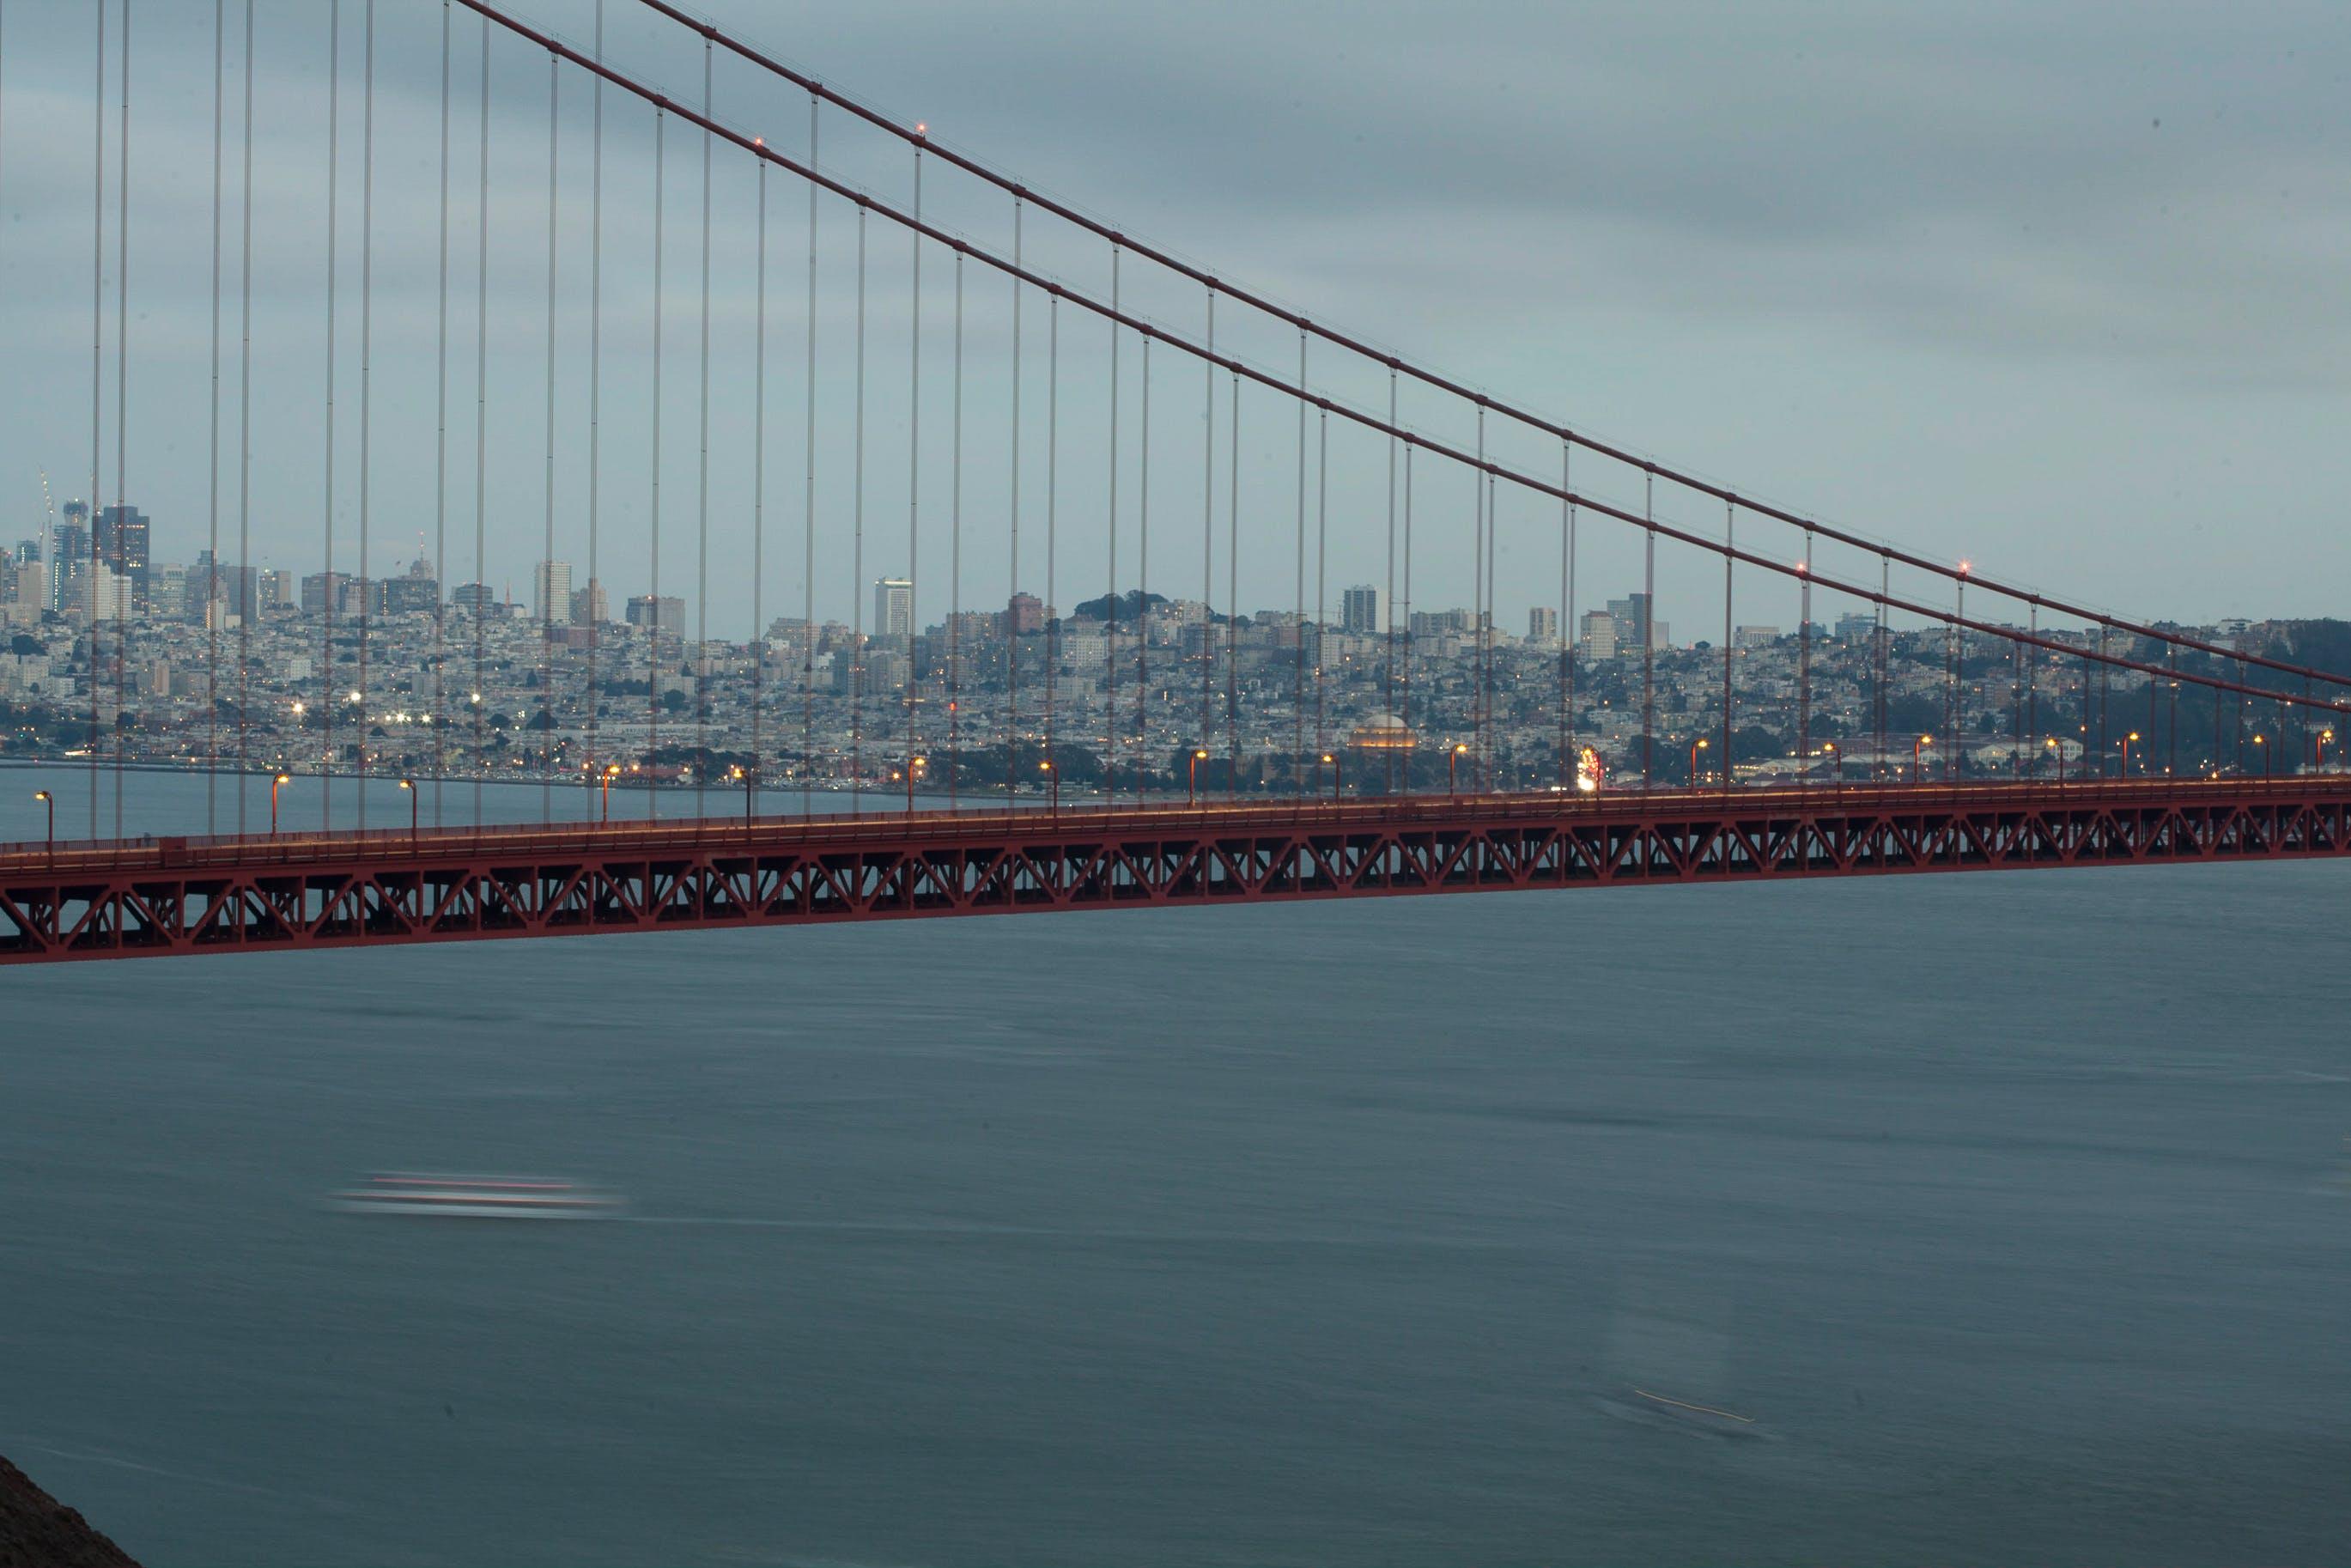 architecture, background, background image